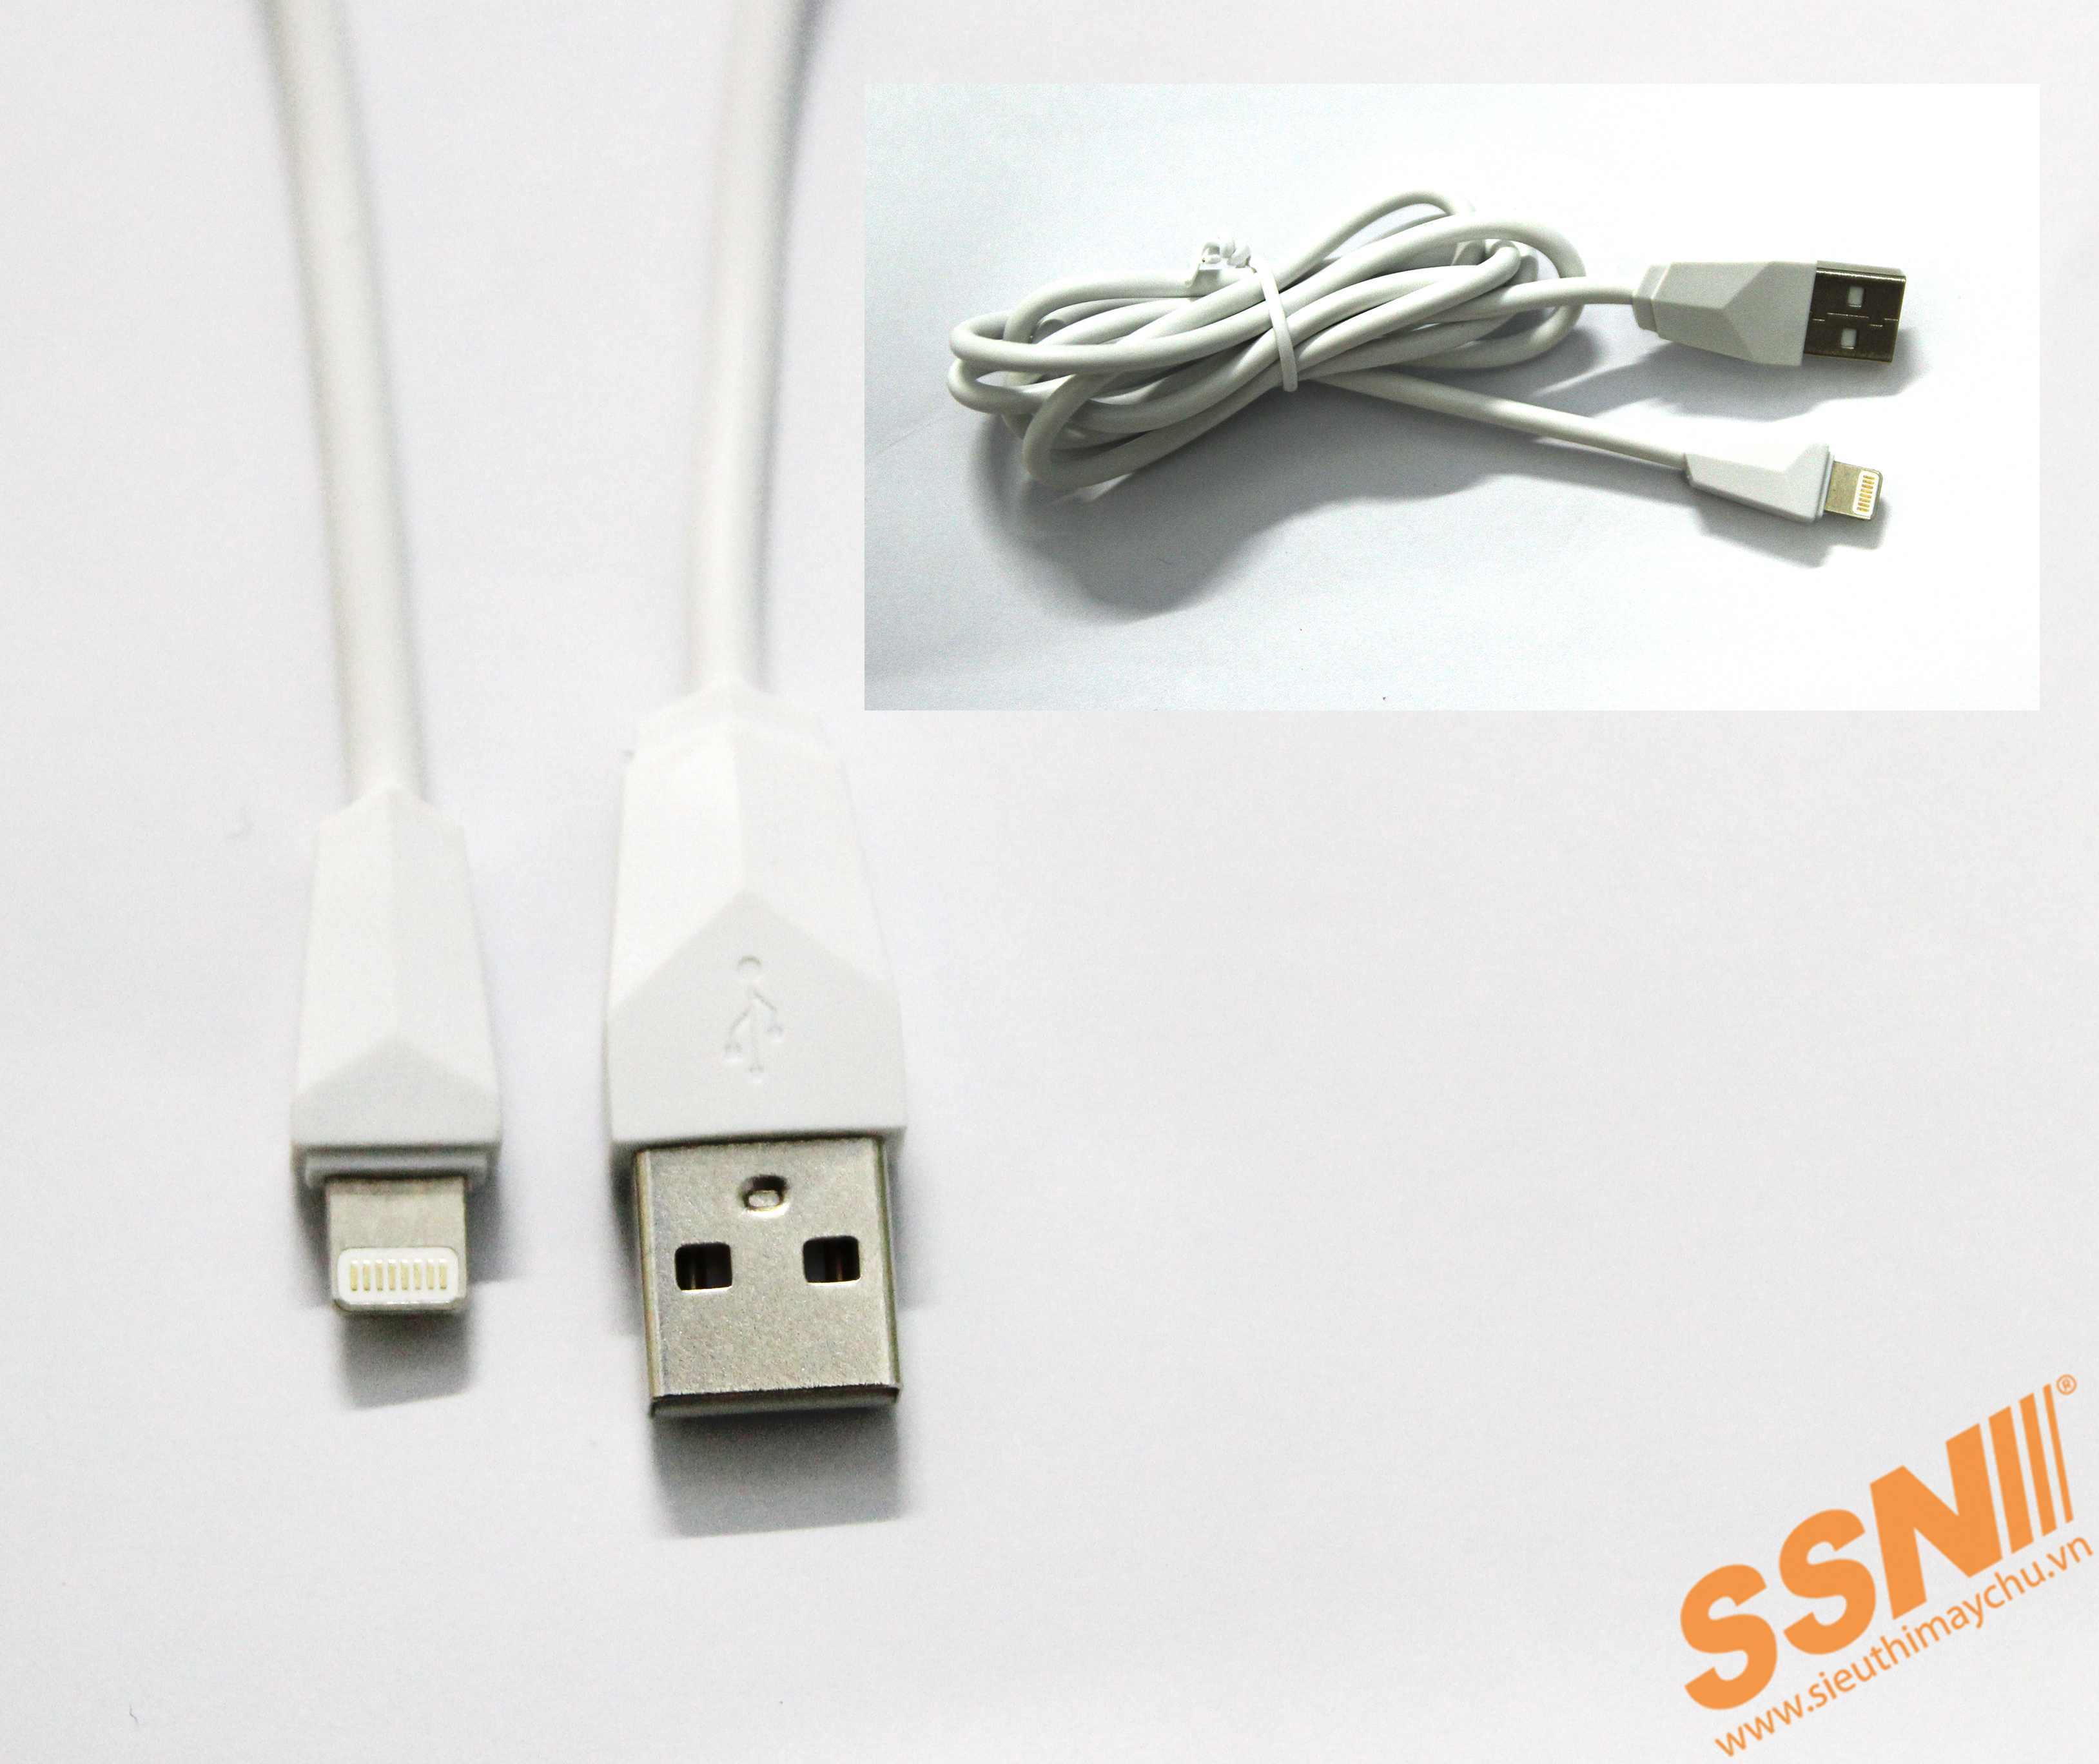 CÁP SẠC USB-LIGHTNING ( Trắng )